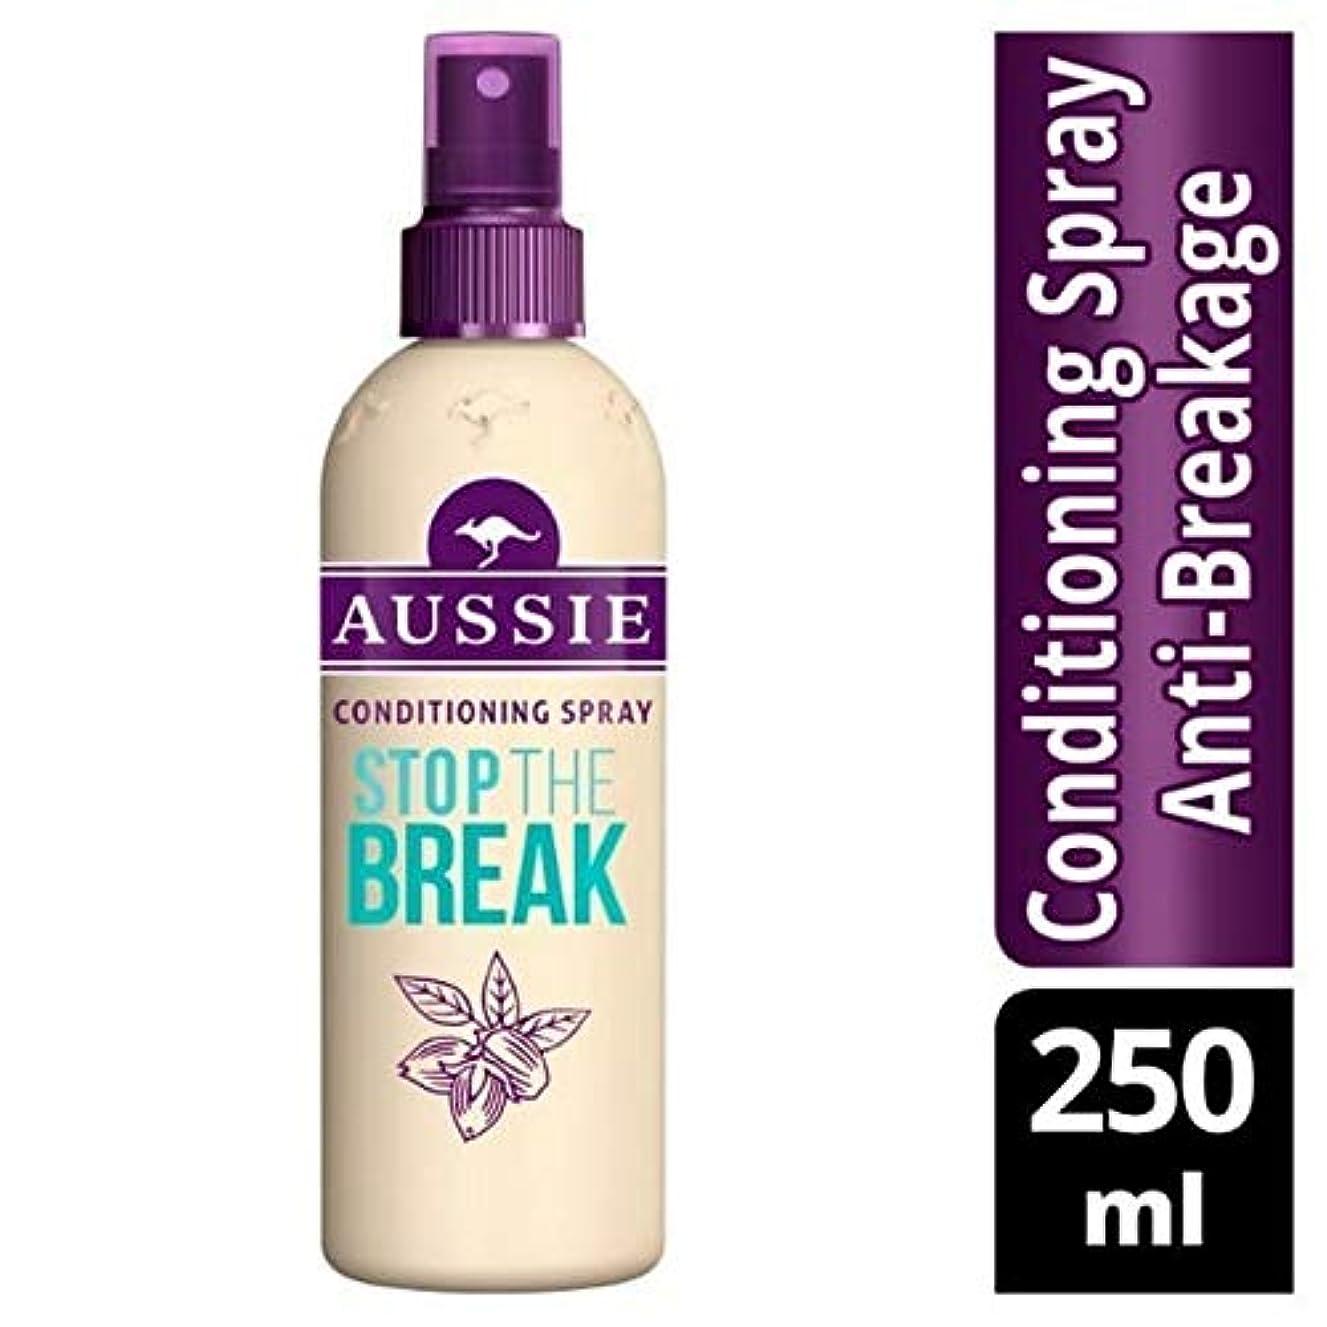 ぬれたシネマ樫の木[Aussie ] オージーはブレーク保護&コンディショニングスプレー250ミリリットルを停止します - Aussie Stop The Break Protection & Conditioning Spray 250ml [並行輸入品]